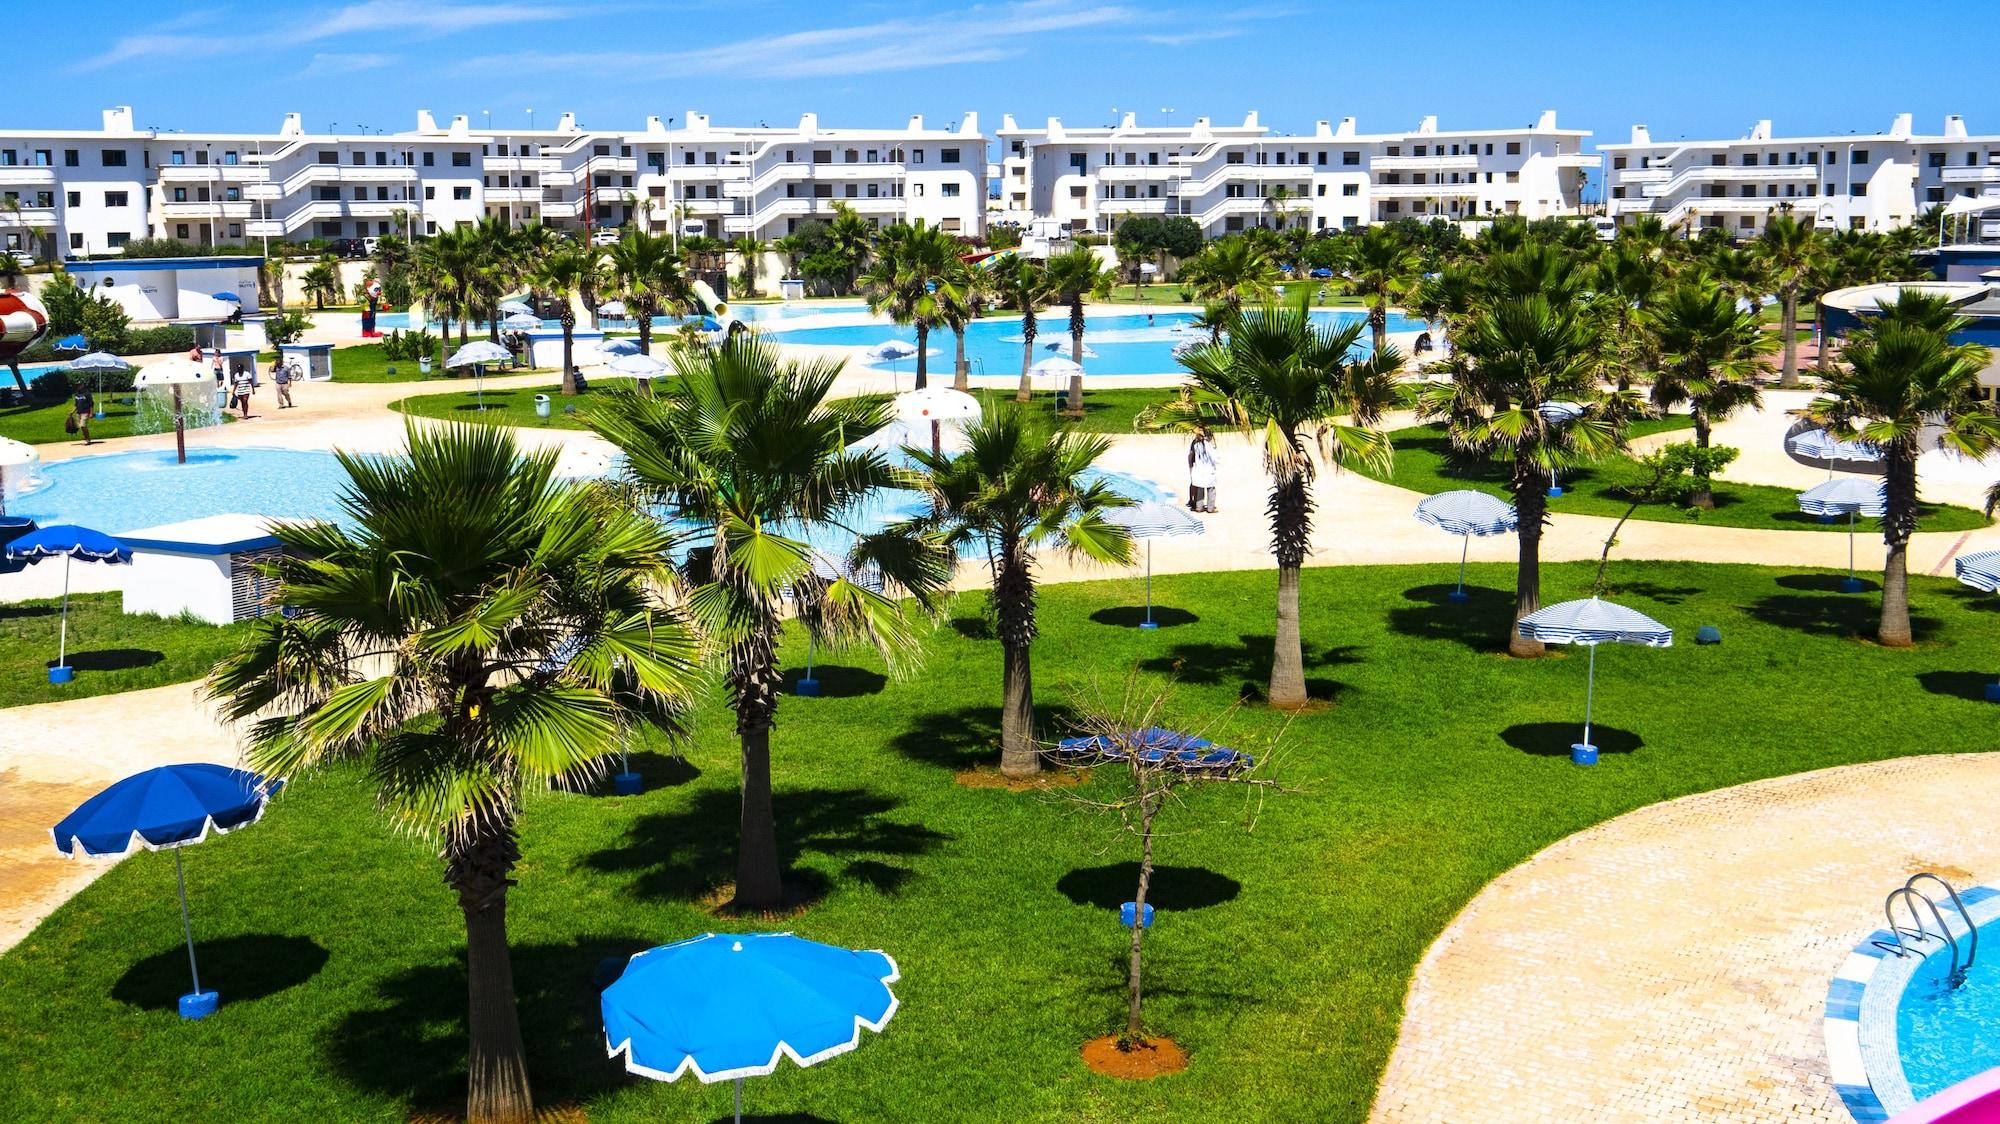 KENZ MEHDIA HOTEL RESORT AQUA PARK, Kénitra